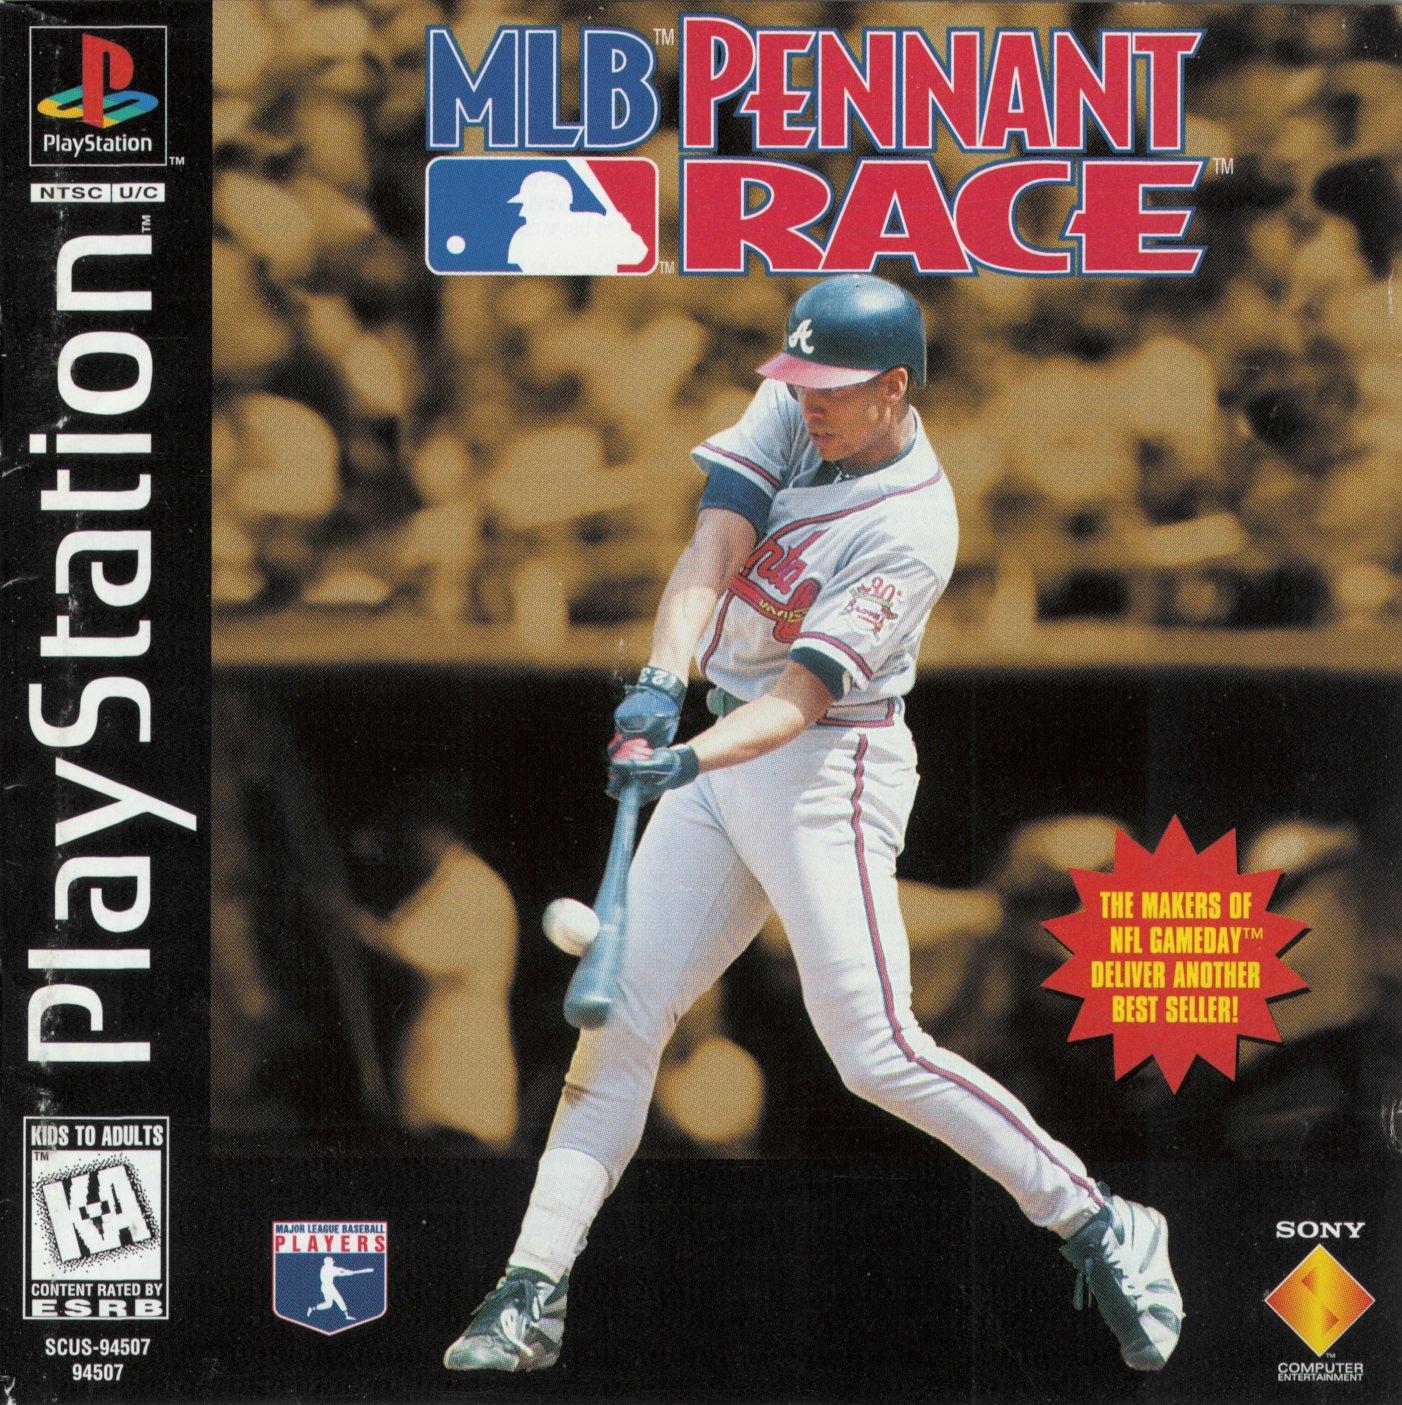 MLB Pennant Race